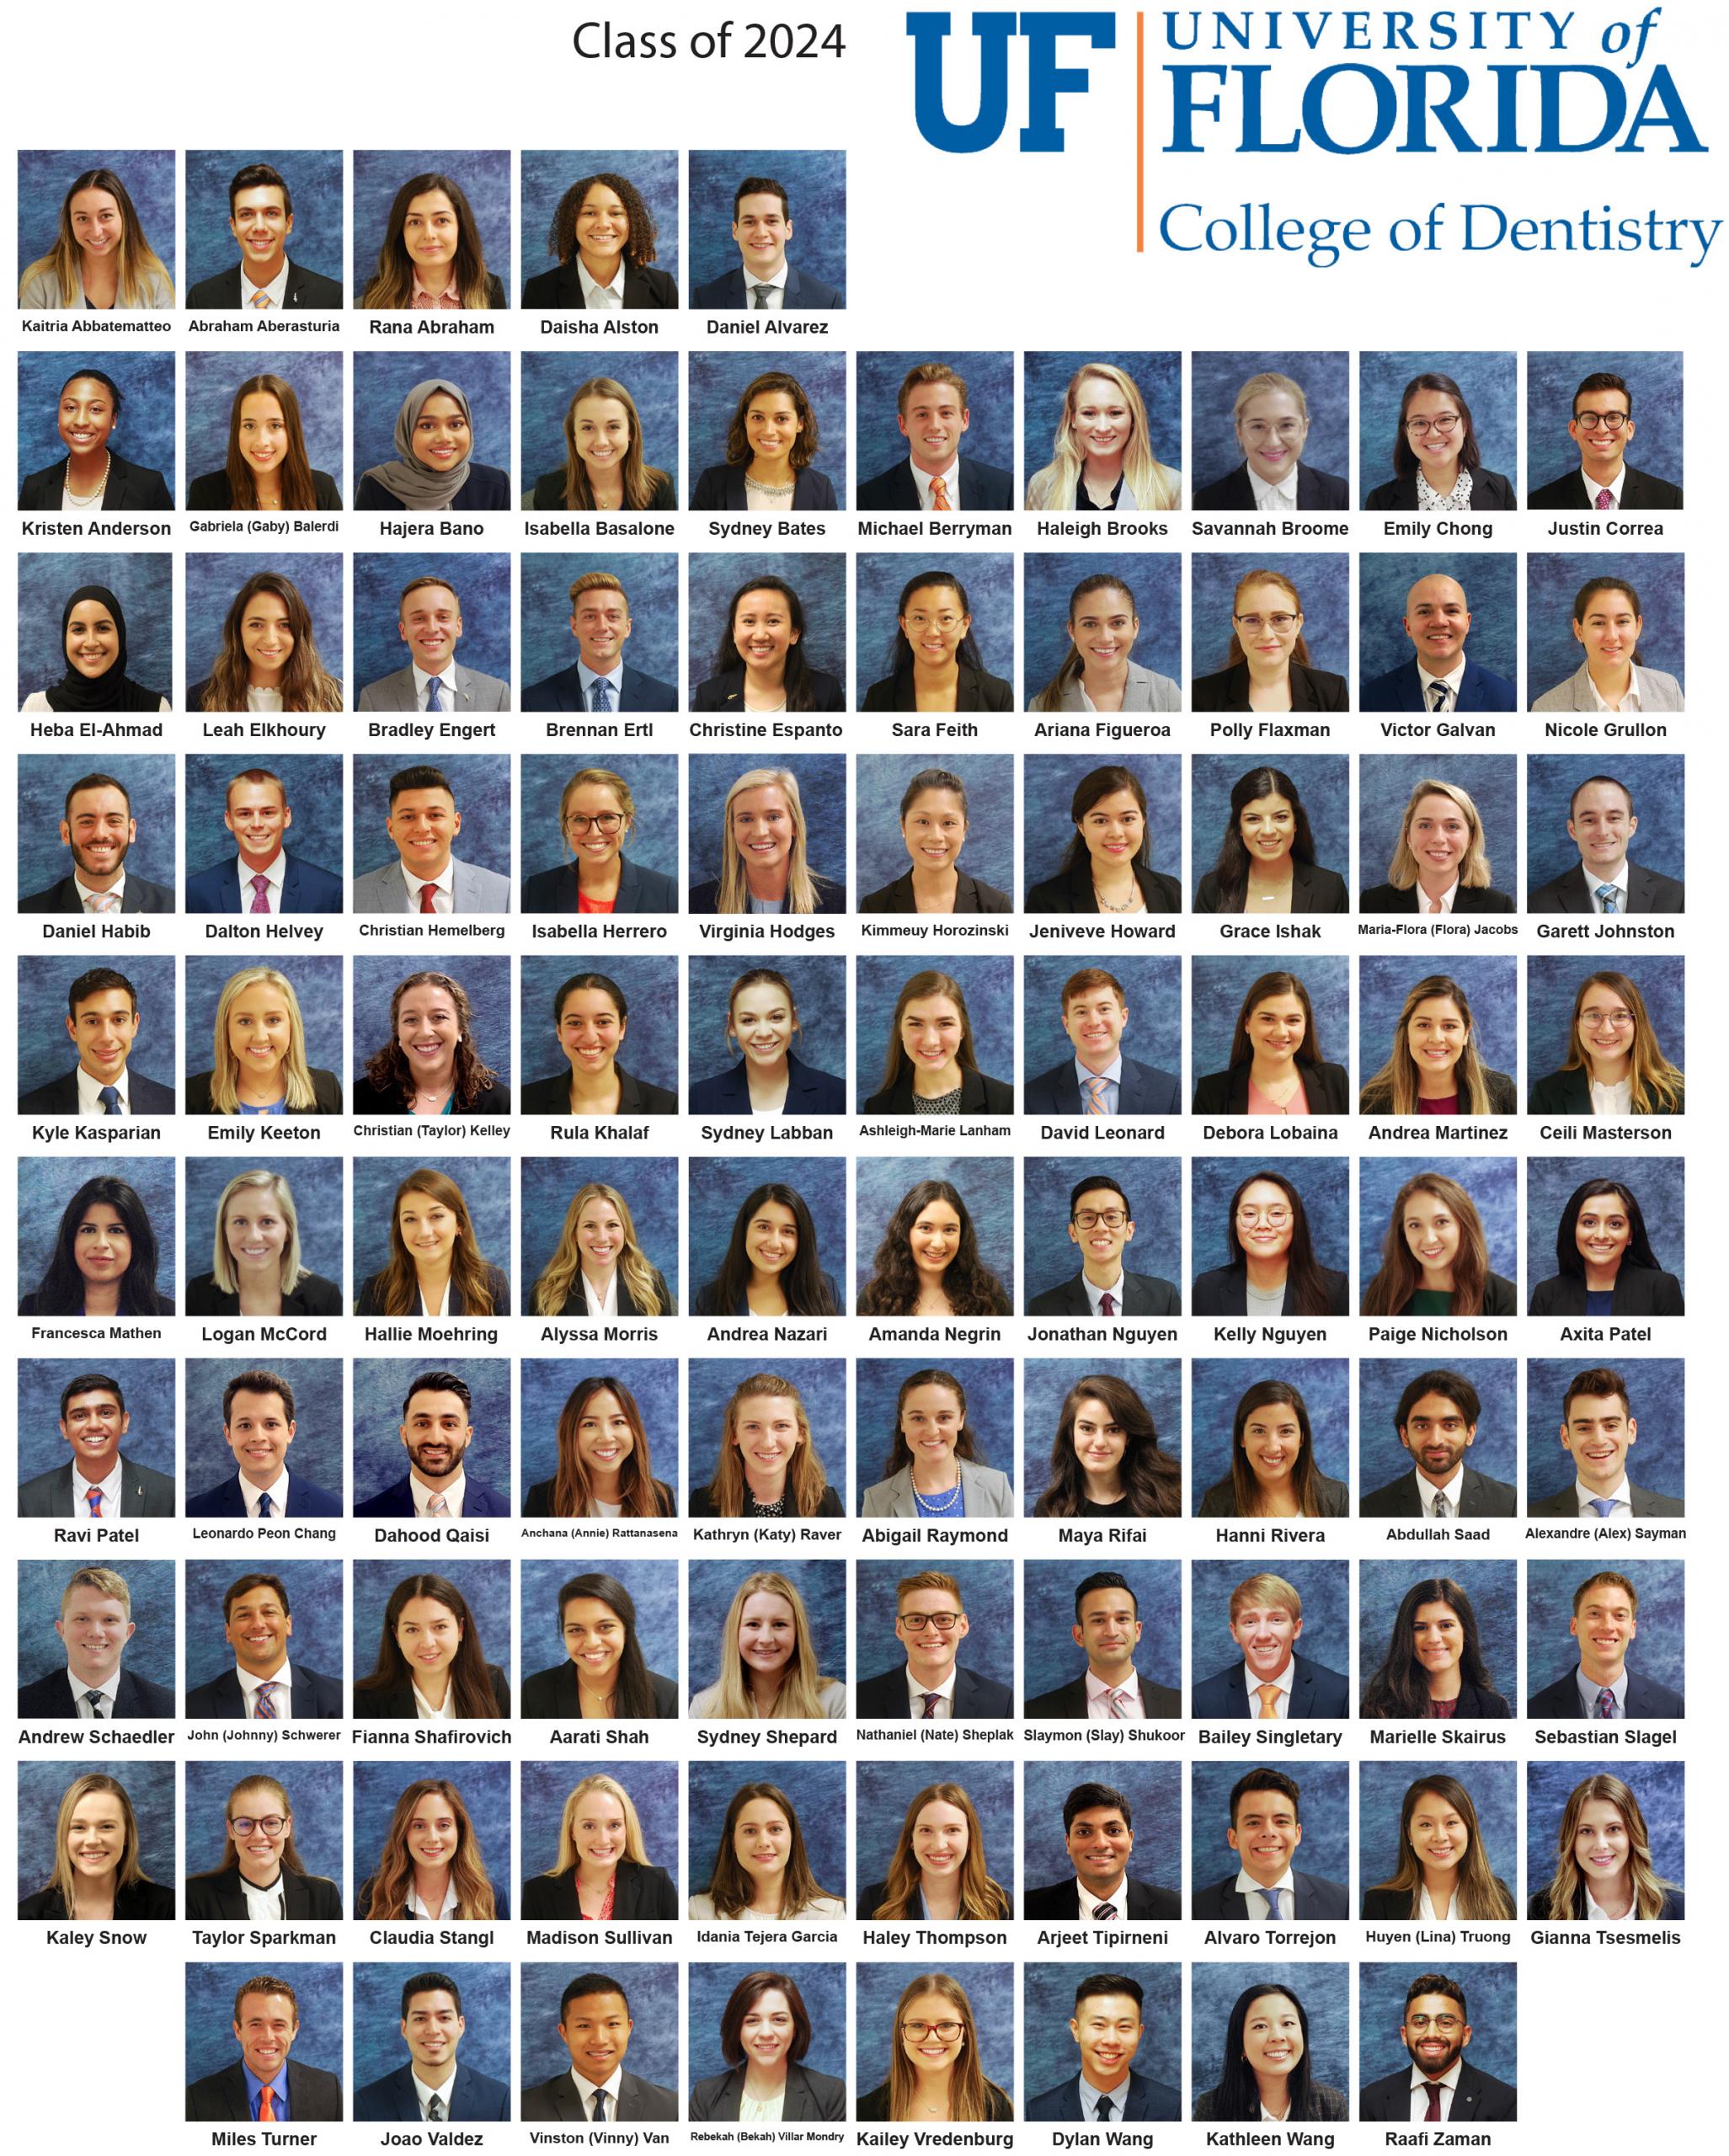 DMD Class of 2024